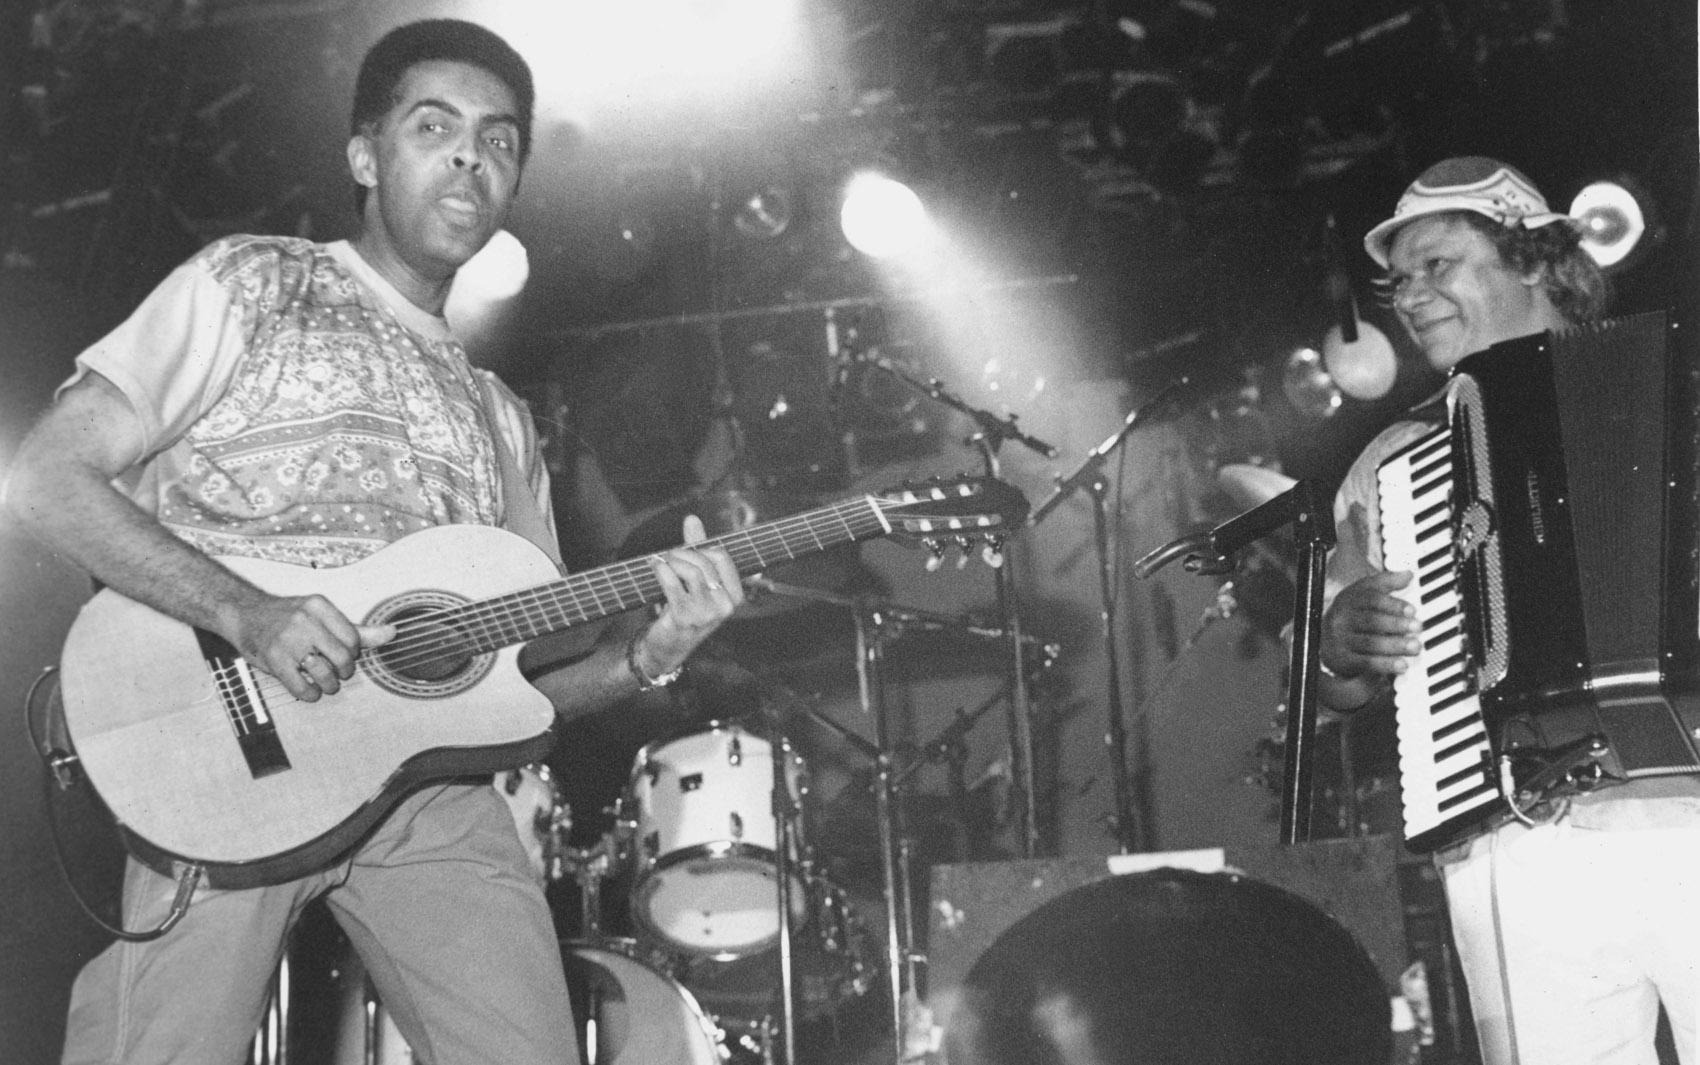 Dominguinhos e Gilberto Gil em show no Canecão, Rio de Janeiro em 1989